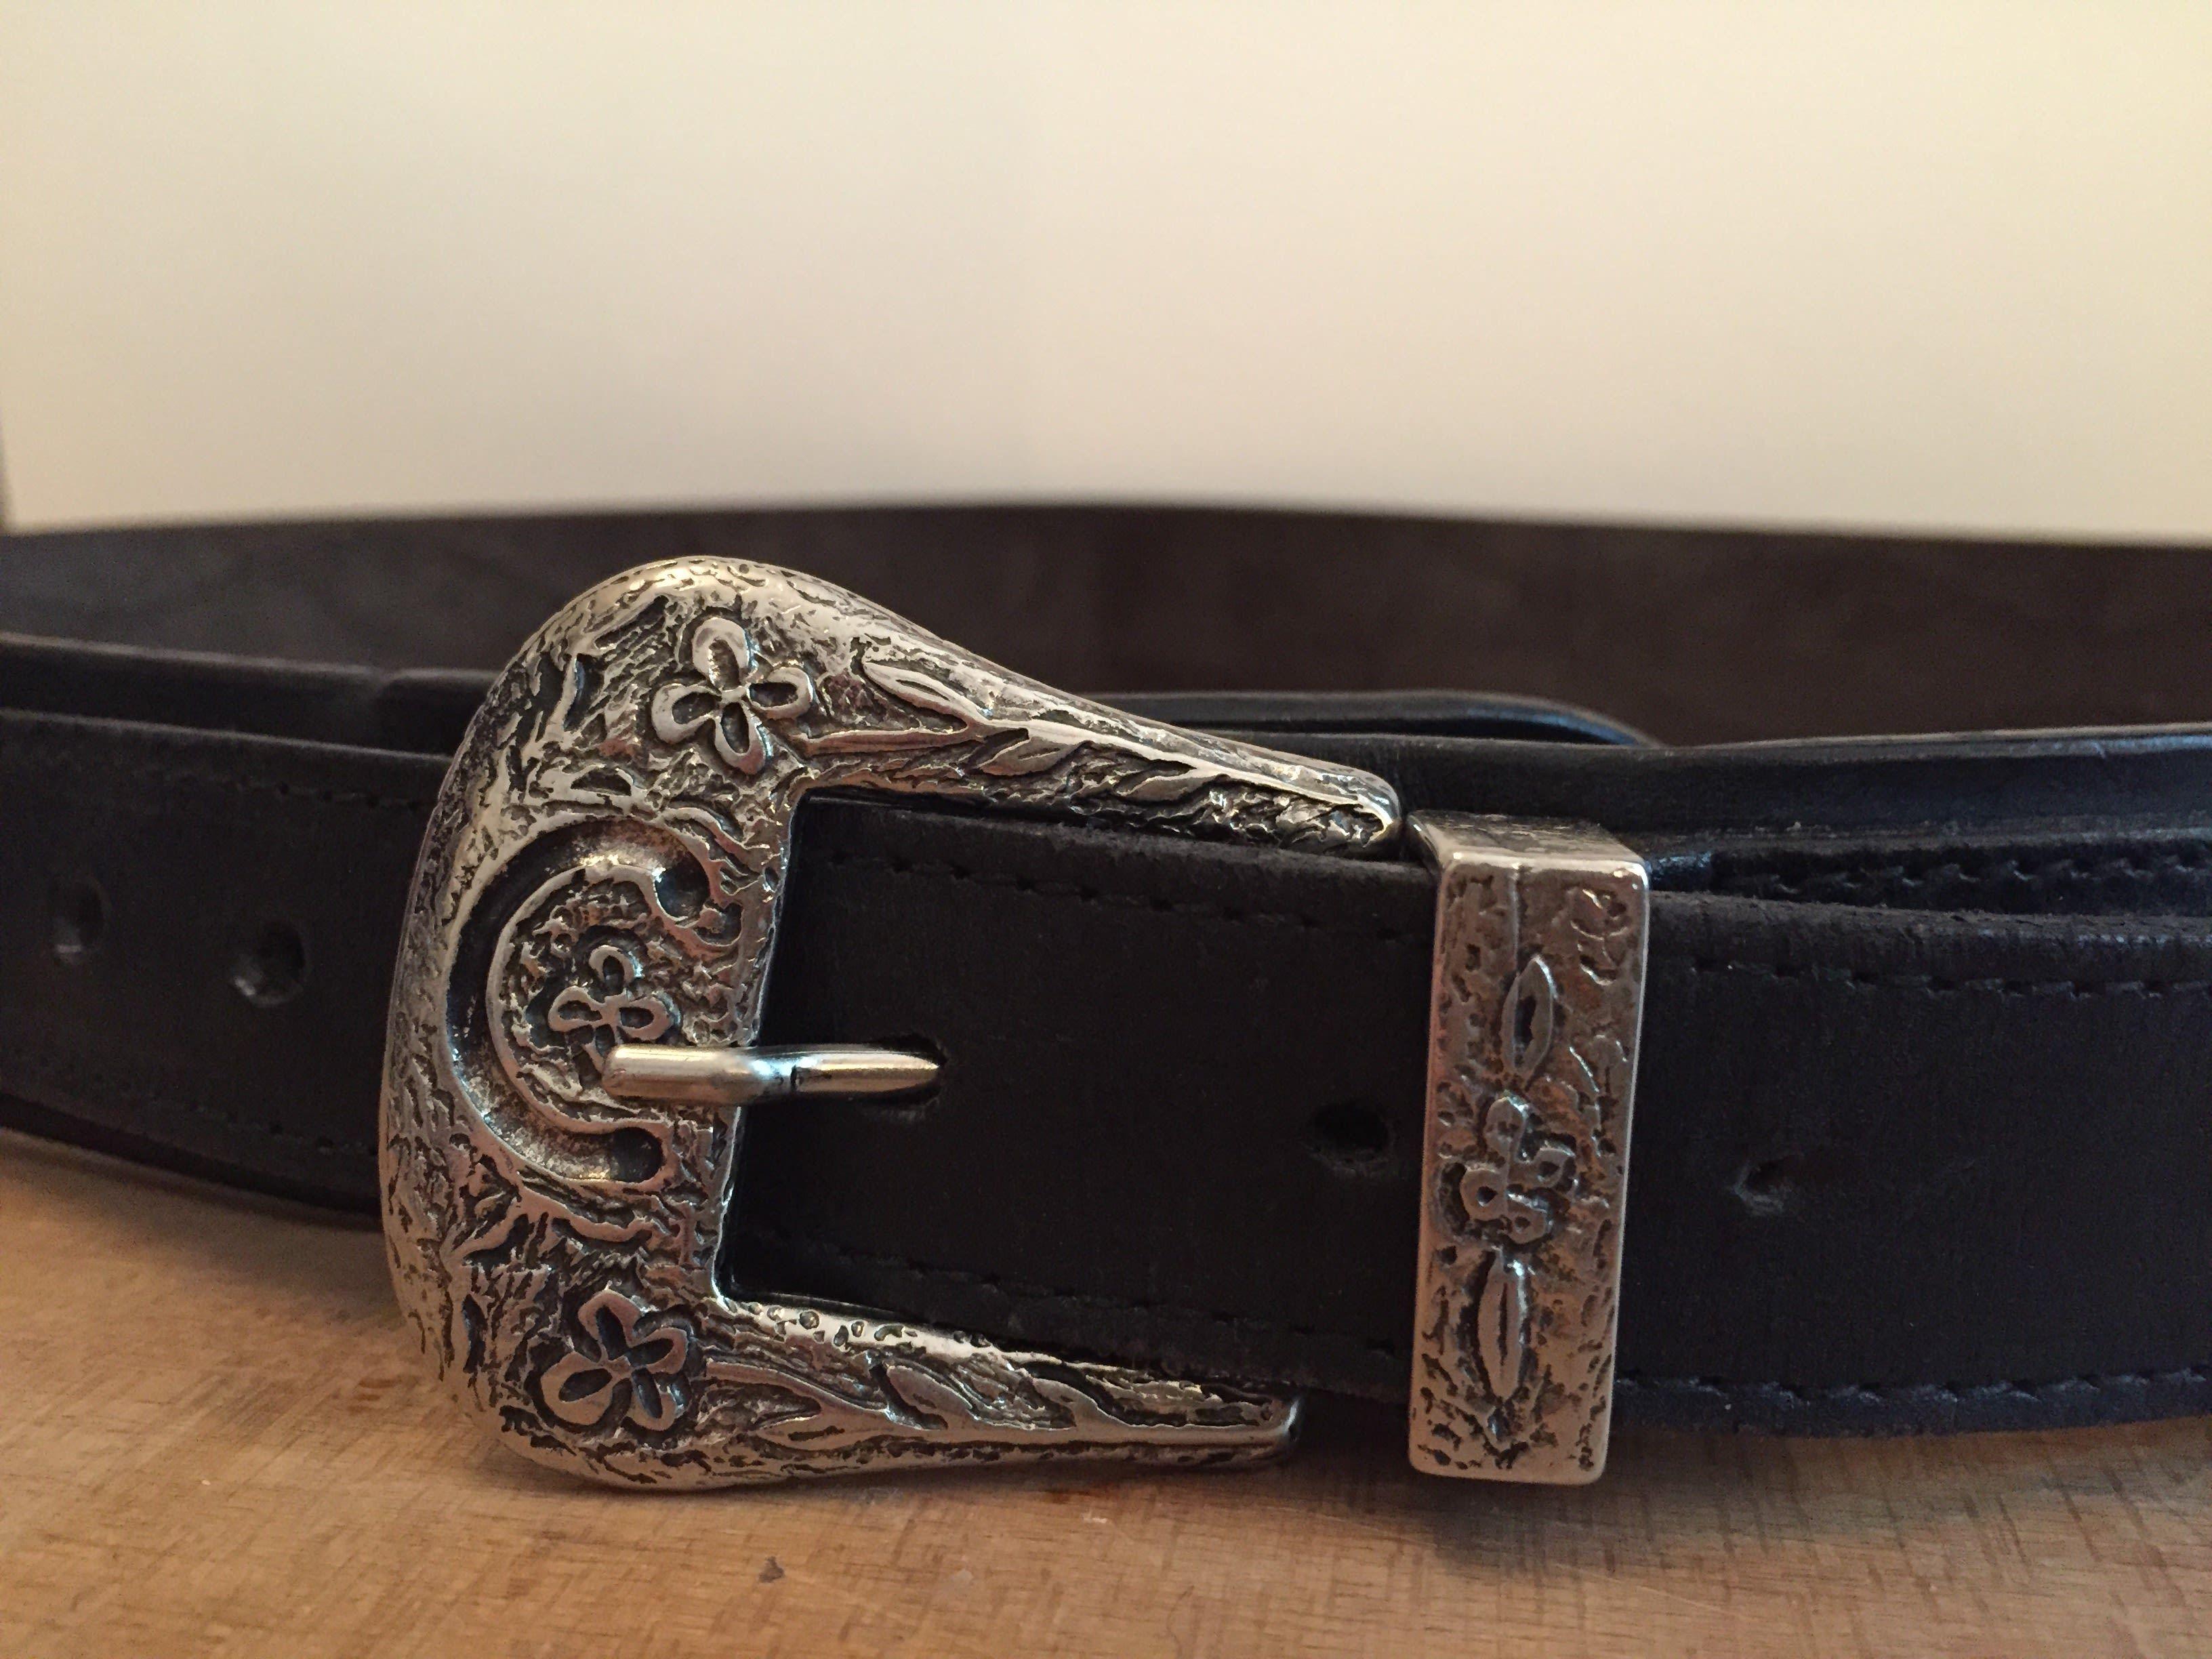 Accessoires - Ceinture cowboy